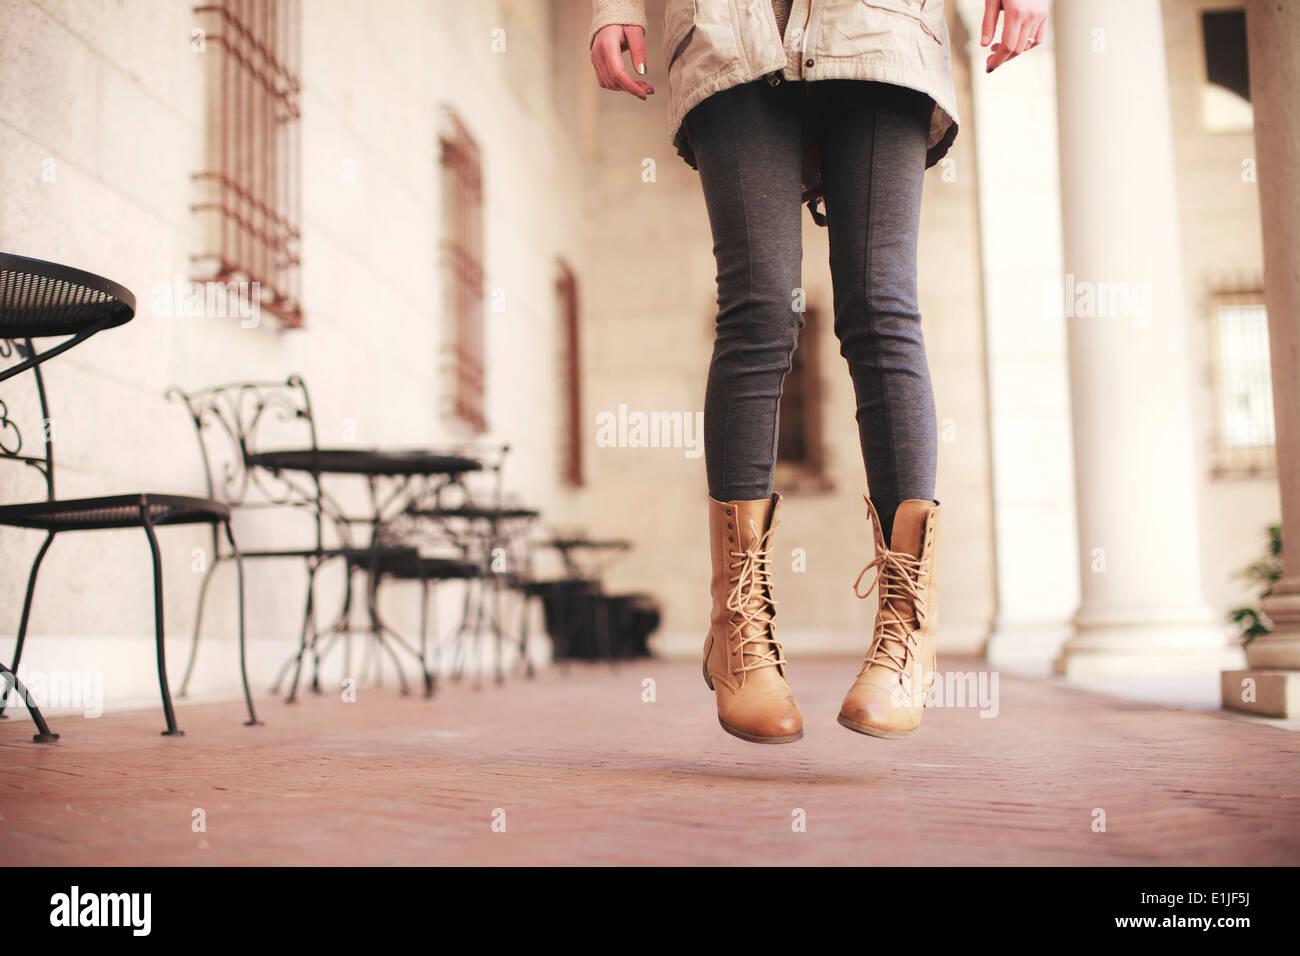 Giovane donna cintura saltando giù accanto al cafè sul marciapiede Immagini Stock